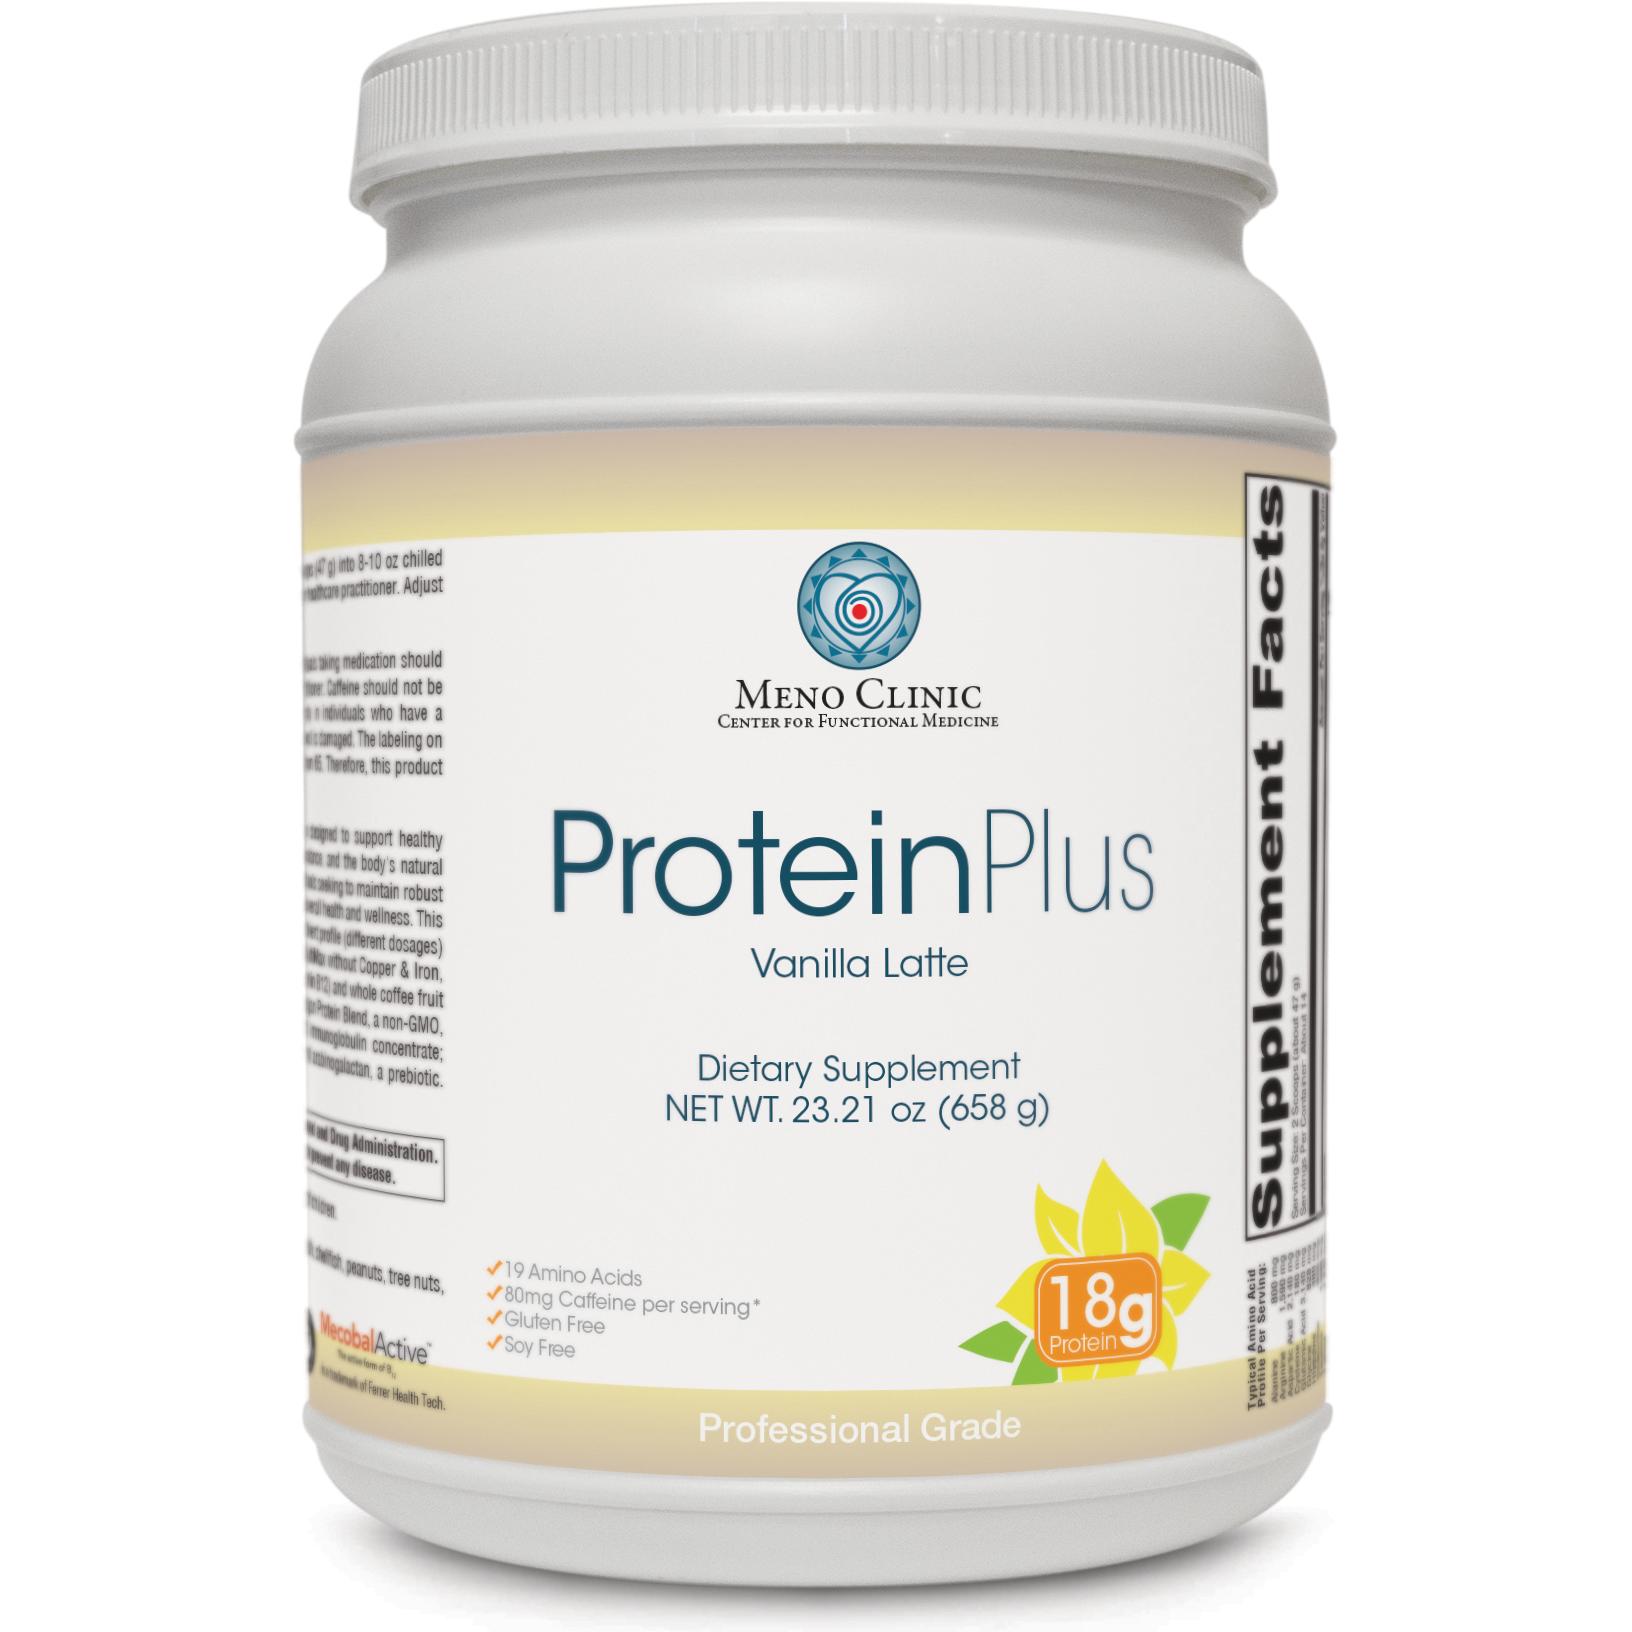 ProteinPlusLatte